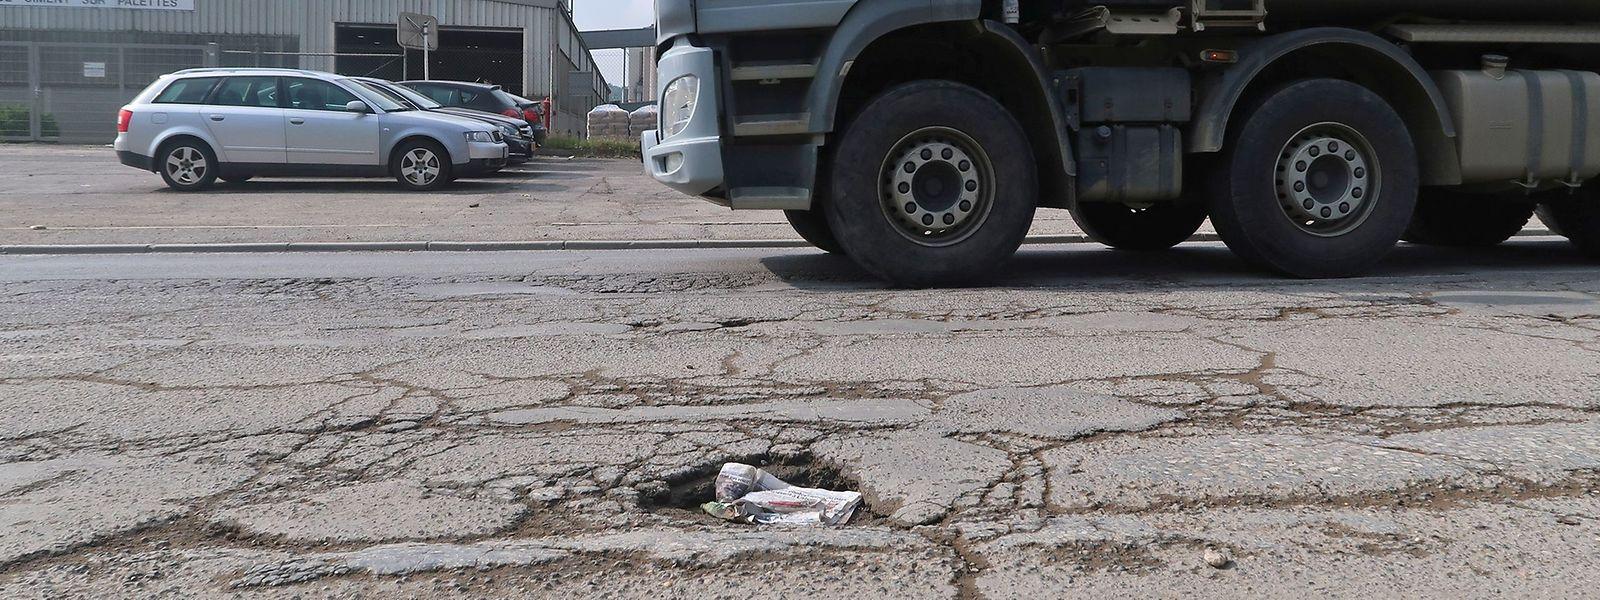 Die Straßen in der Industriezone Um Monkeler sind zum Teil in sehr schlechtem Zustand. Der andauernde Lastwagenverkehr trägt nicht dazu bei, dies zu verbessern.